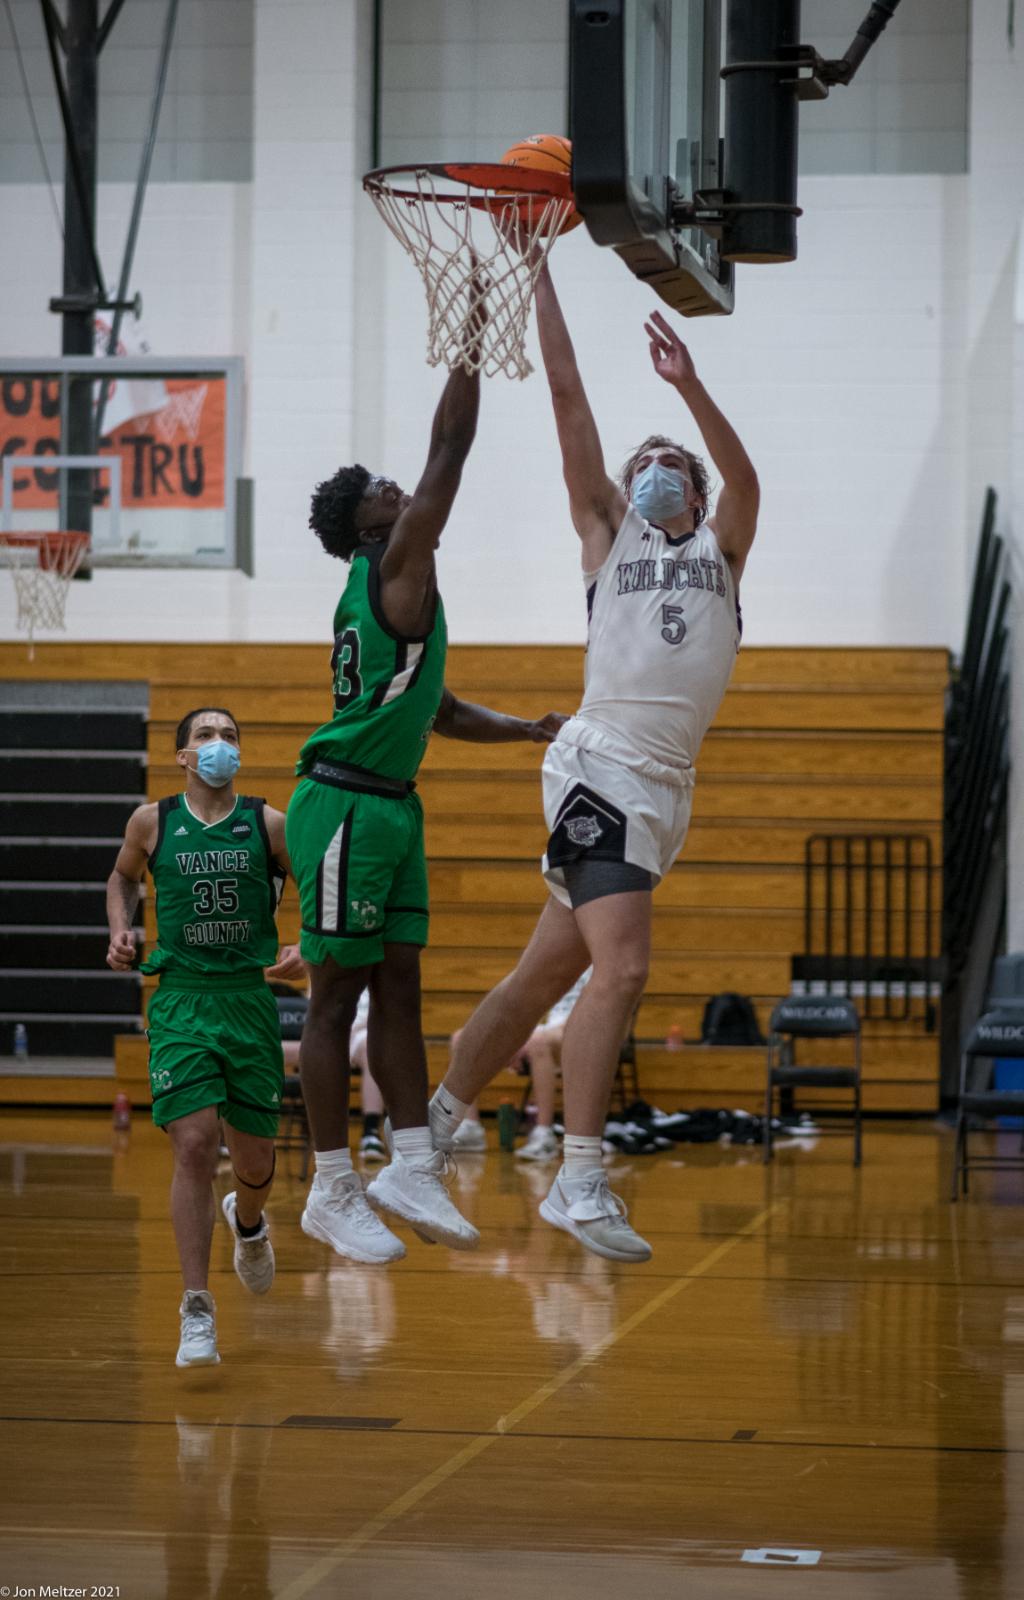 Basketball vs Vance County | TU 02.09.2021